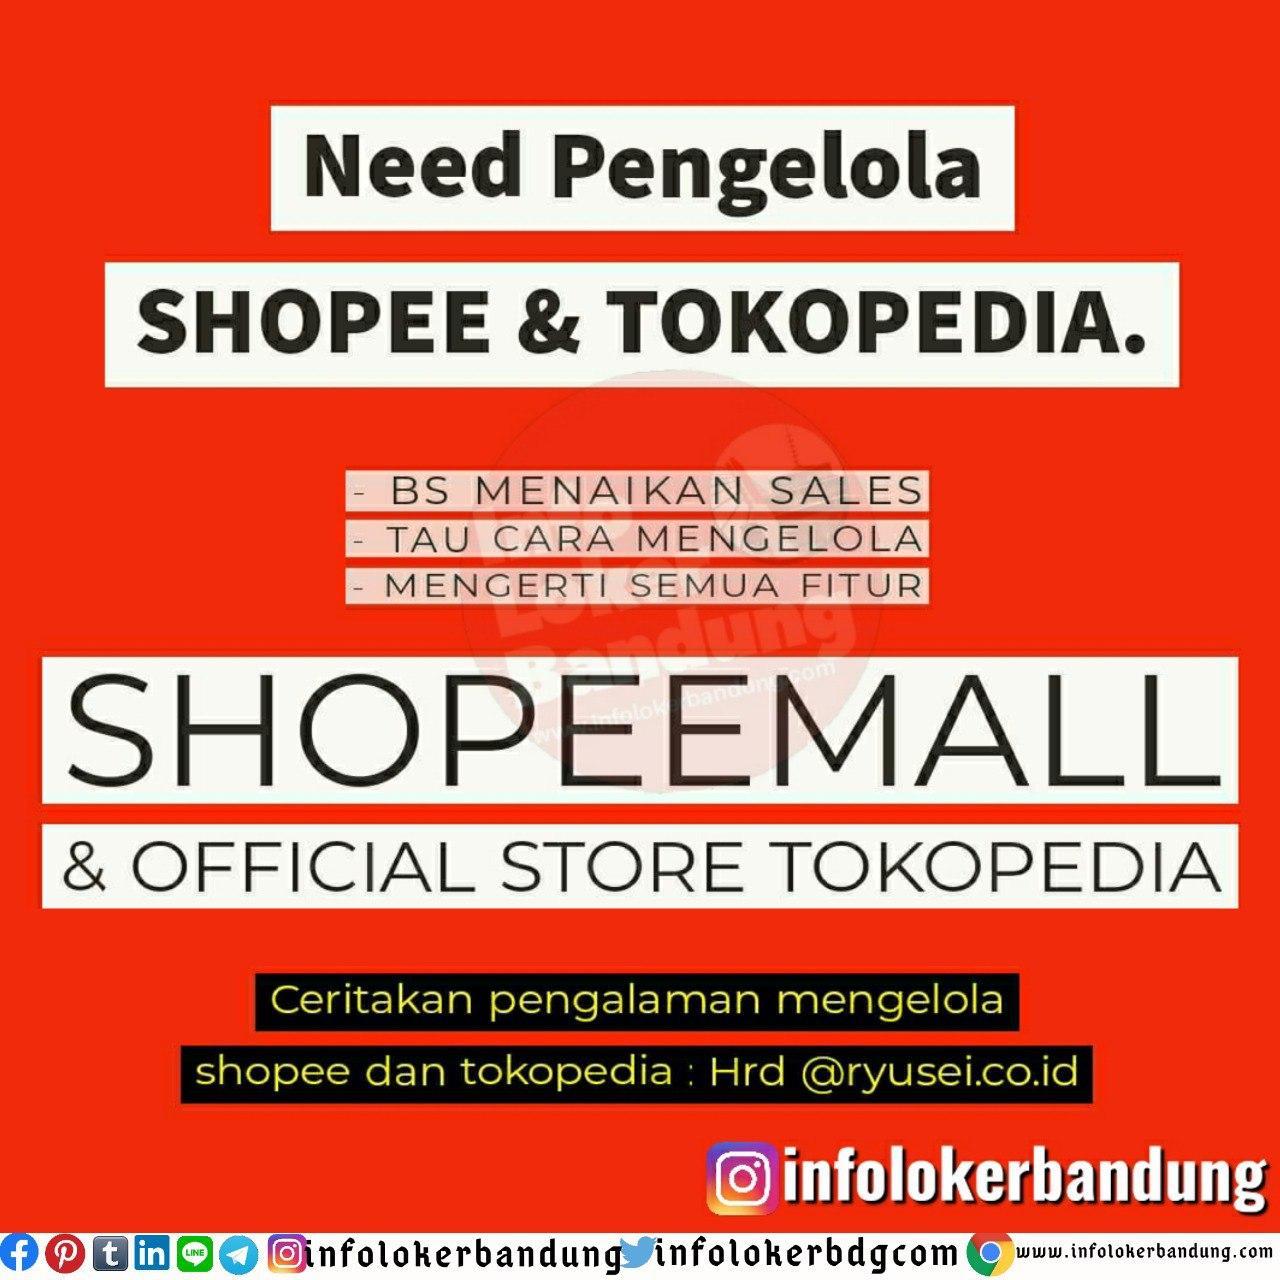 Lowongan Kerja Pengelola Shopee & Tokopedia Ryusei Bandung Juni 2020